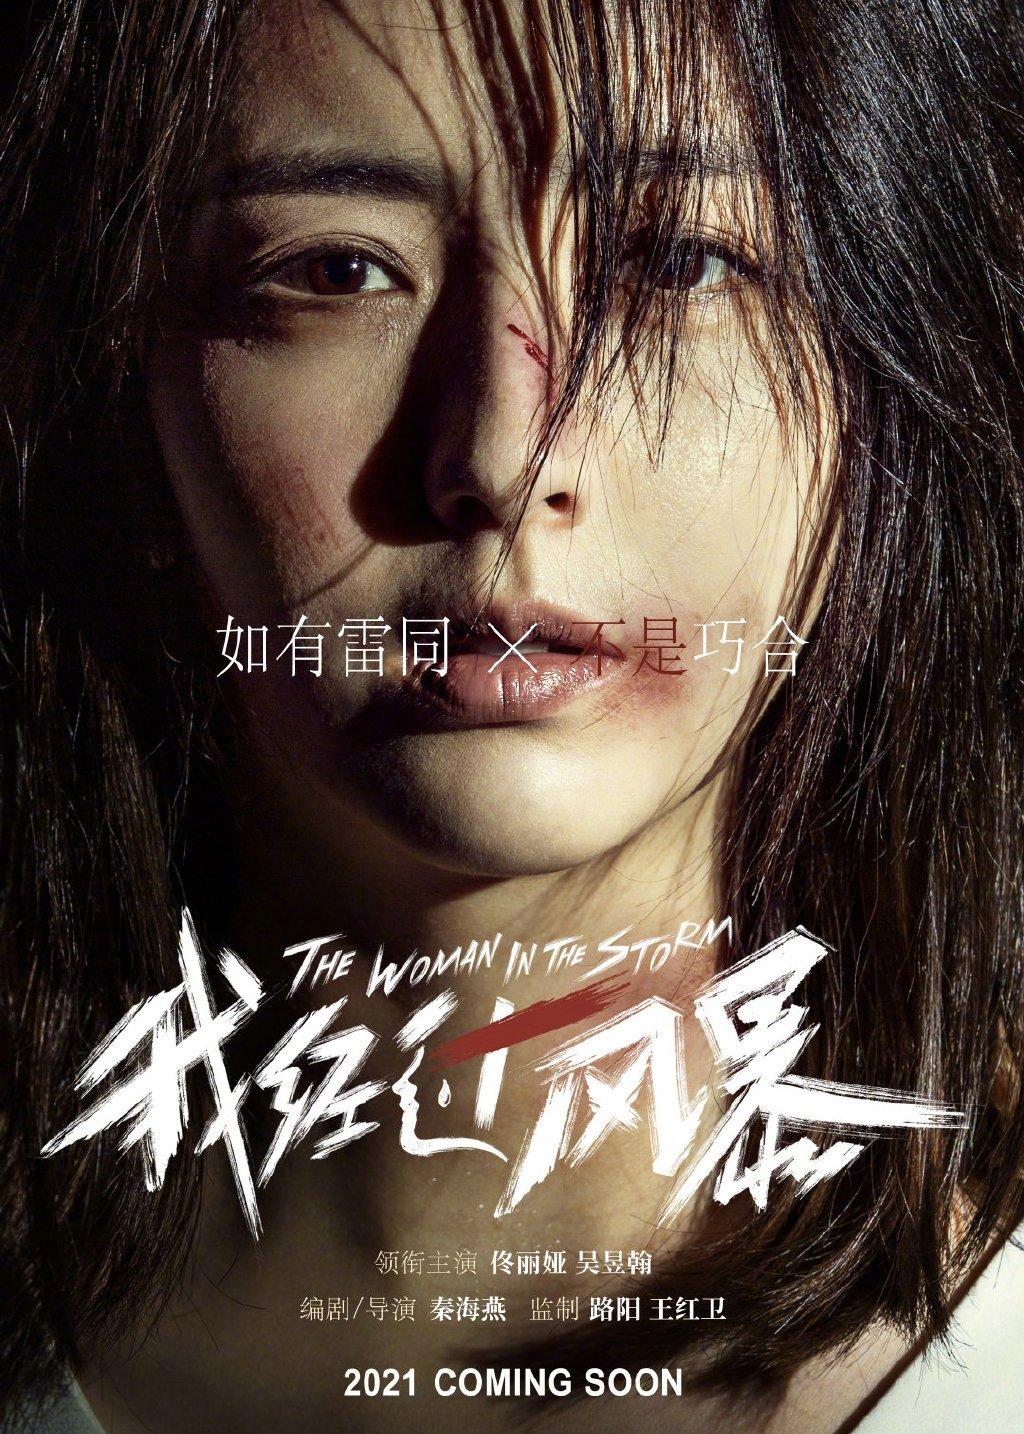 《我经过风暴》官宣杀青,佟丽娅新片聚焦家暴